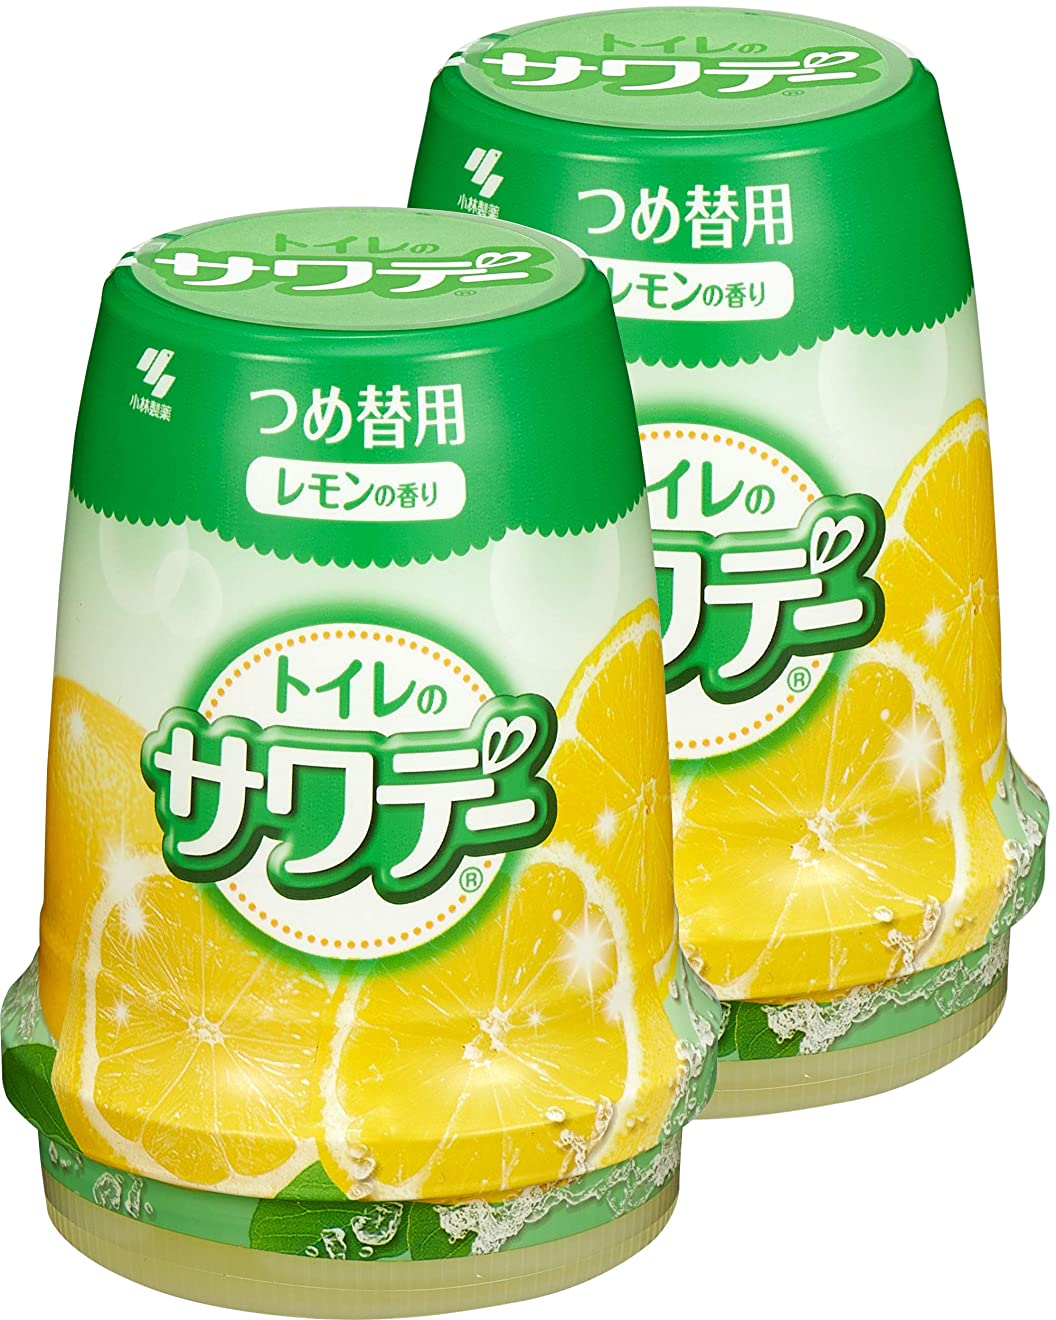 粘着性記録牽引【まとめ買い】サワデー 消臭芳香剤 トイレ用 詰め替え用 気分すっきりレモンの香り 140g×2個